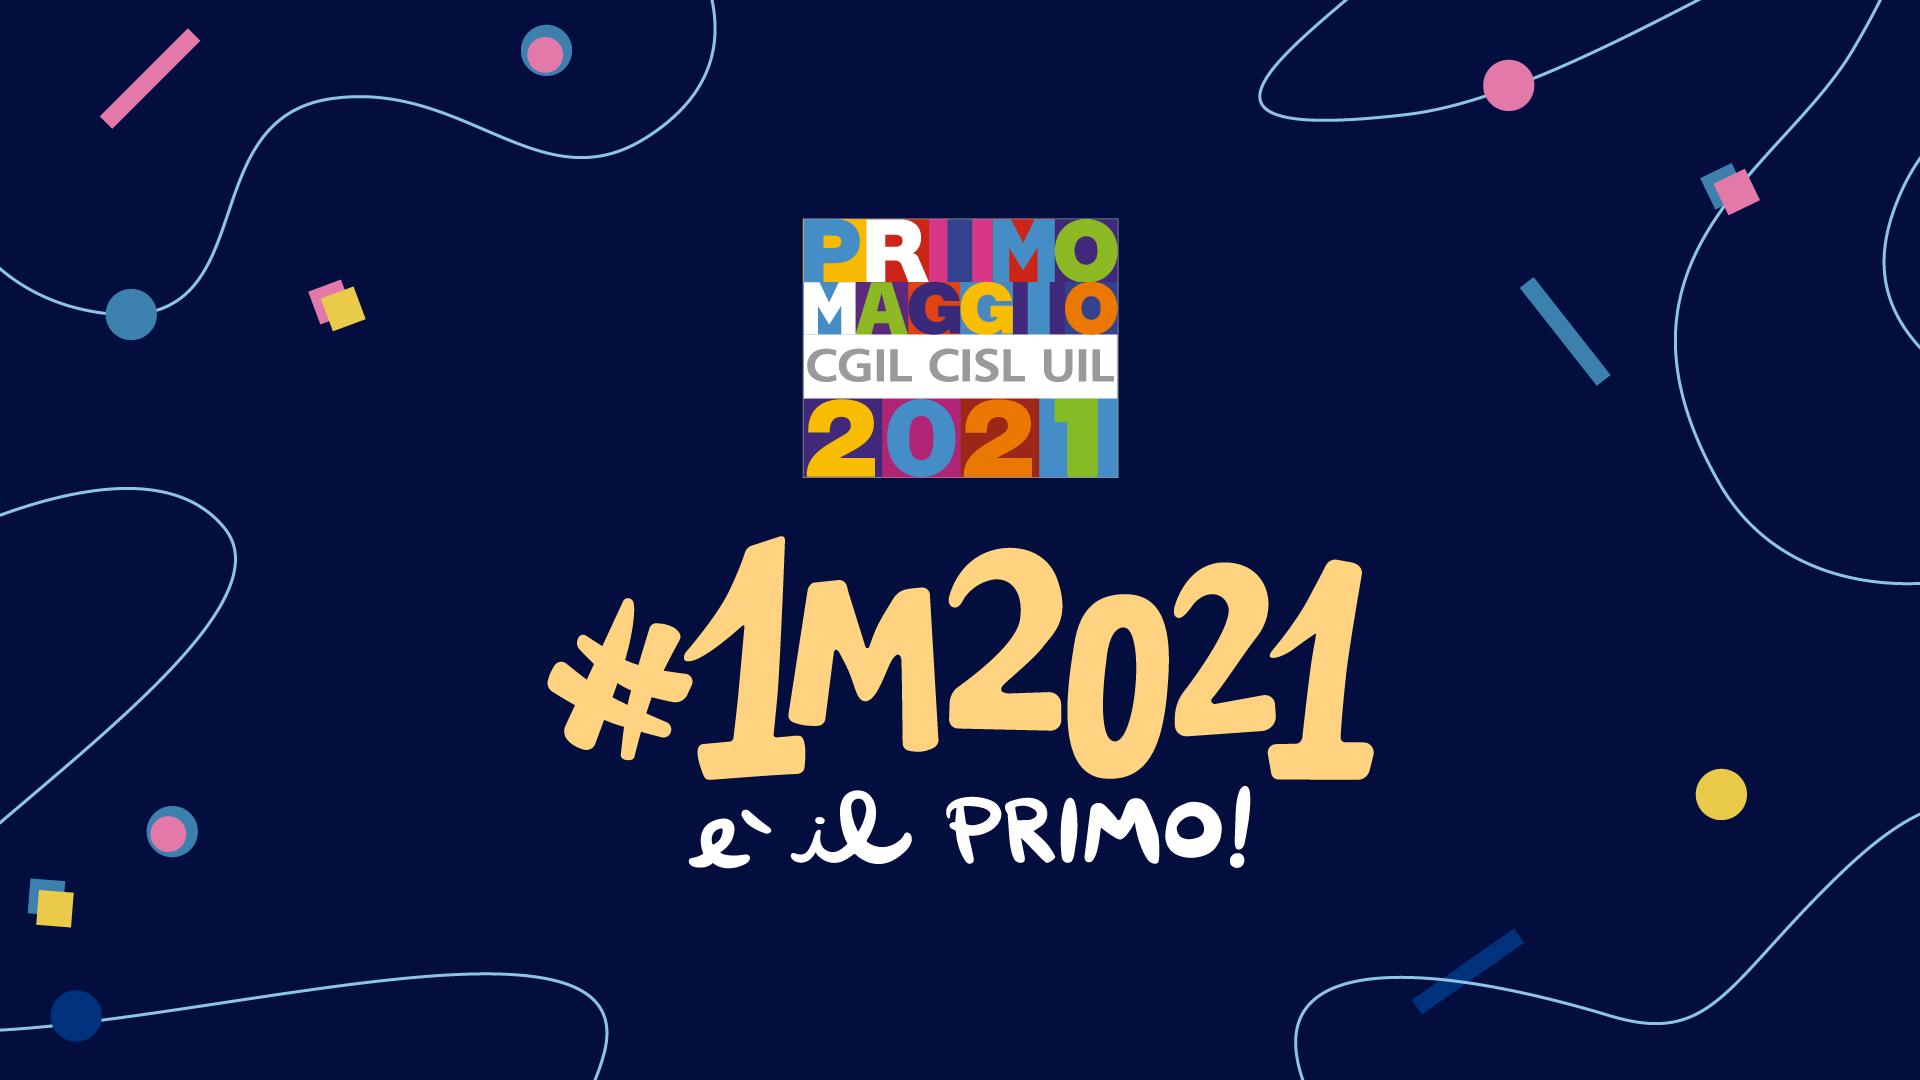 Concerto Primo Maggio 2021: gli artisti che parteciperanno e dove seguirlo